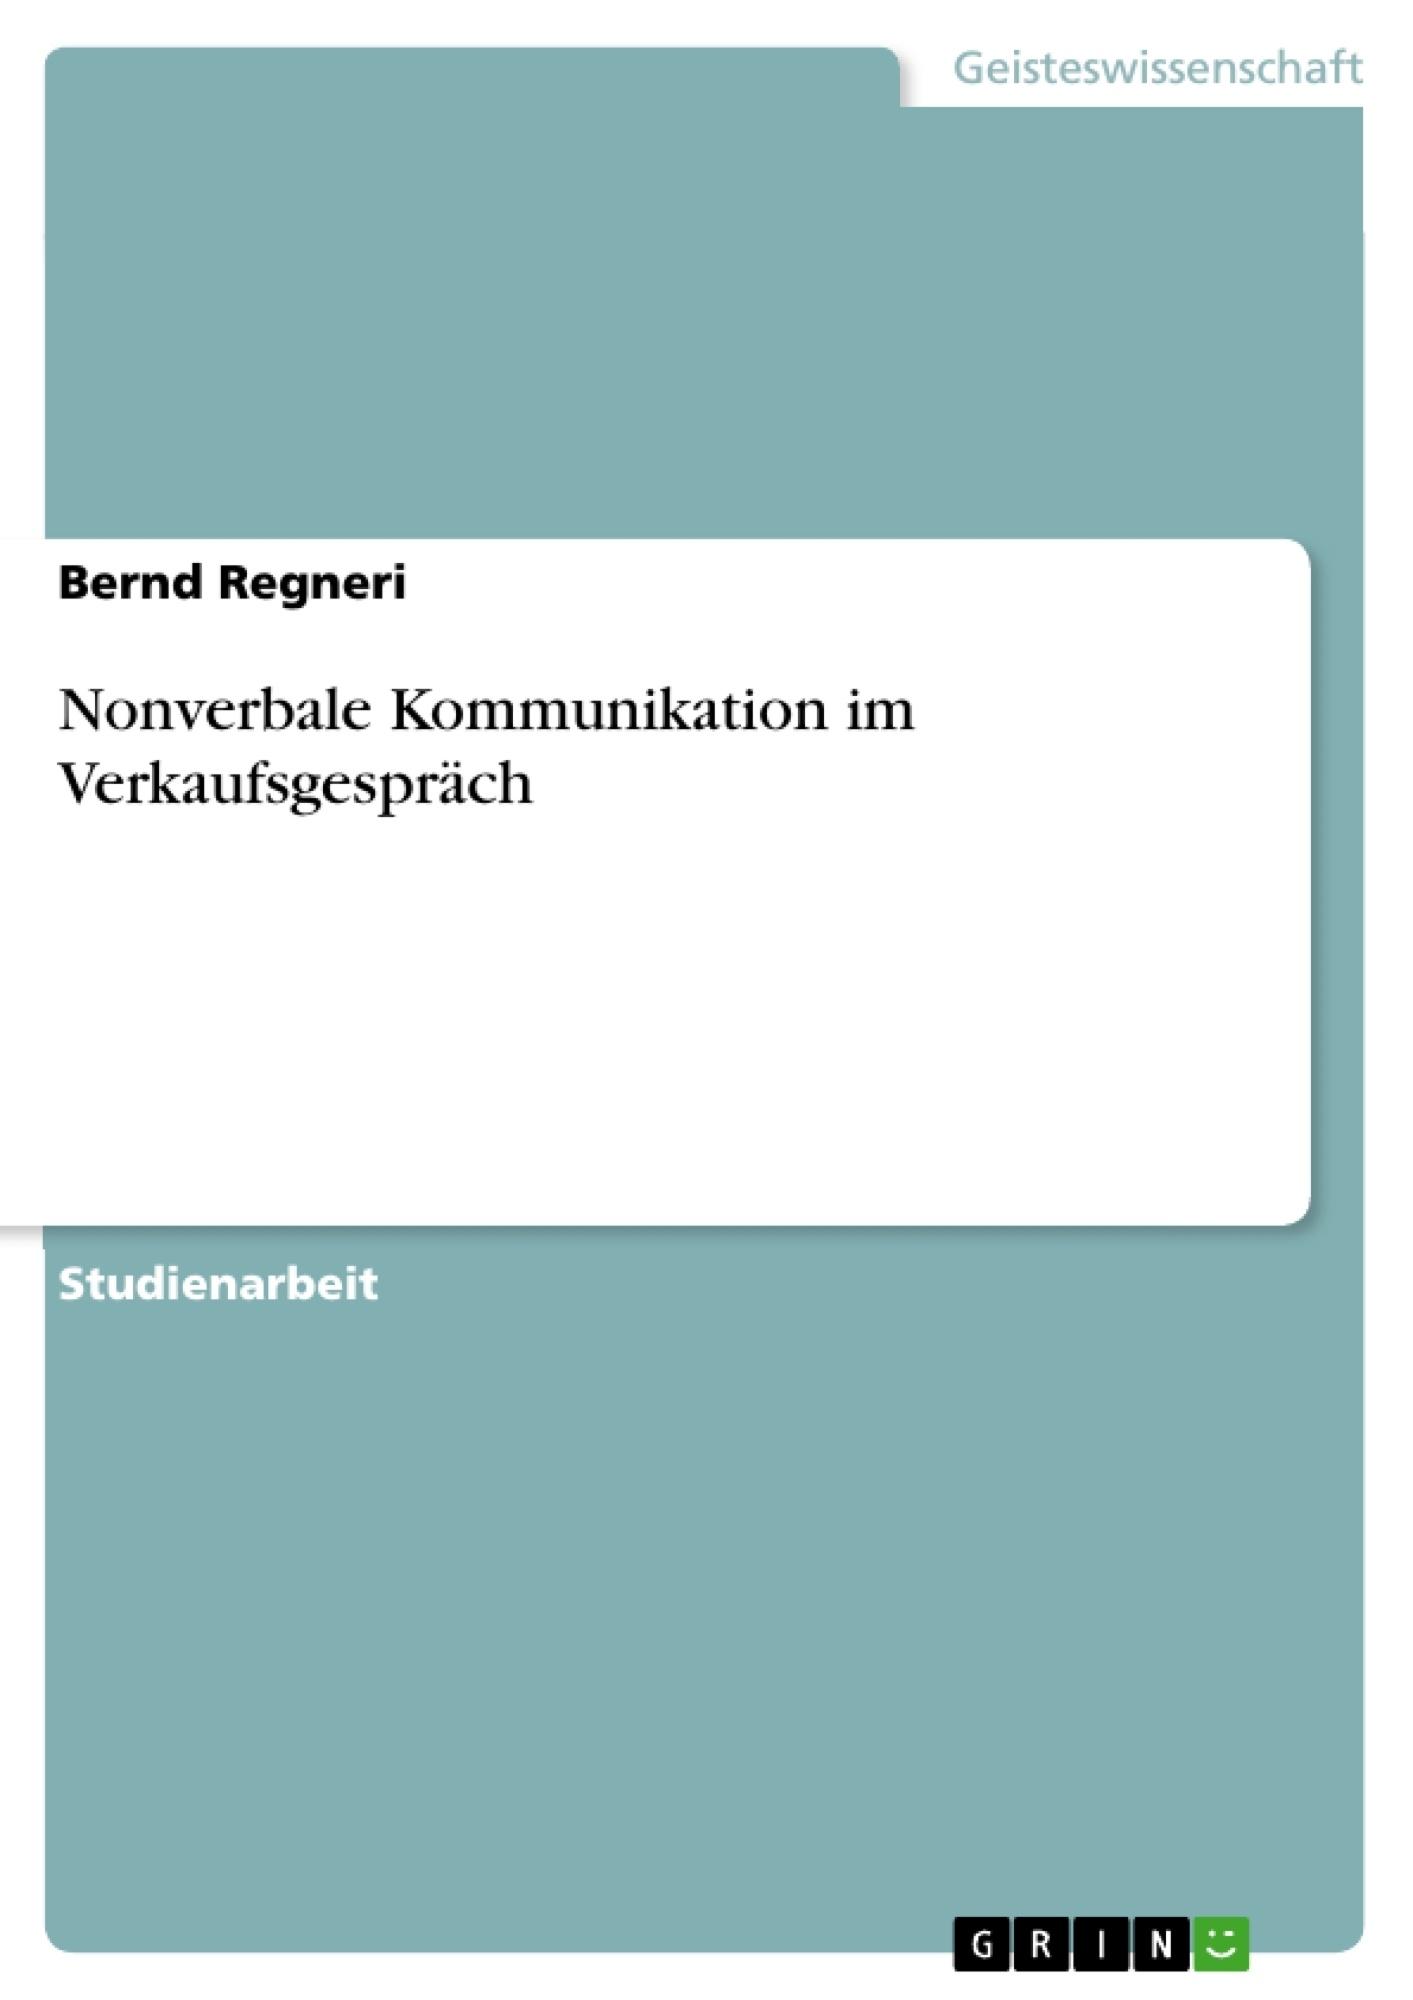 Titel: Nonverbale Kommunikation im Verkaufsgespräch